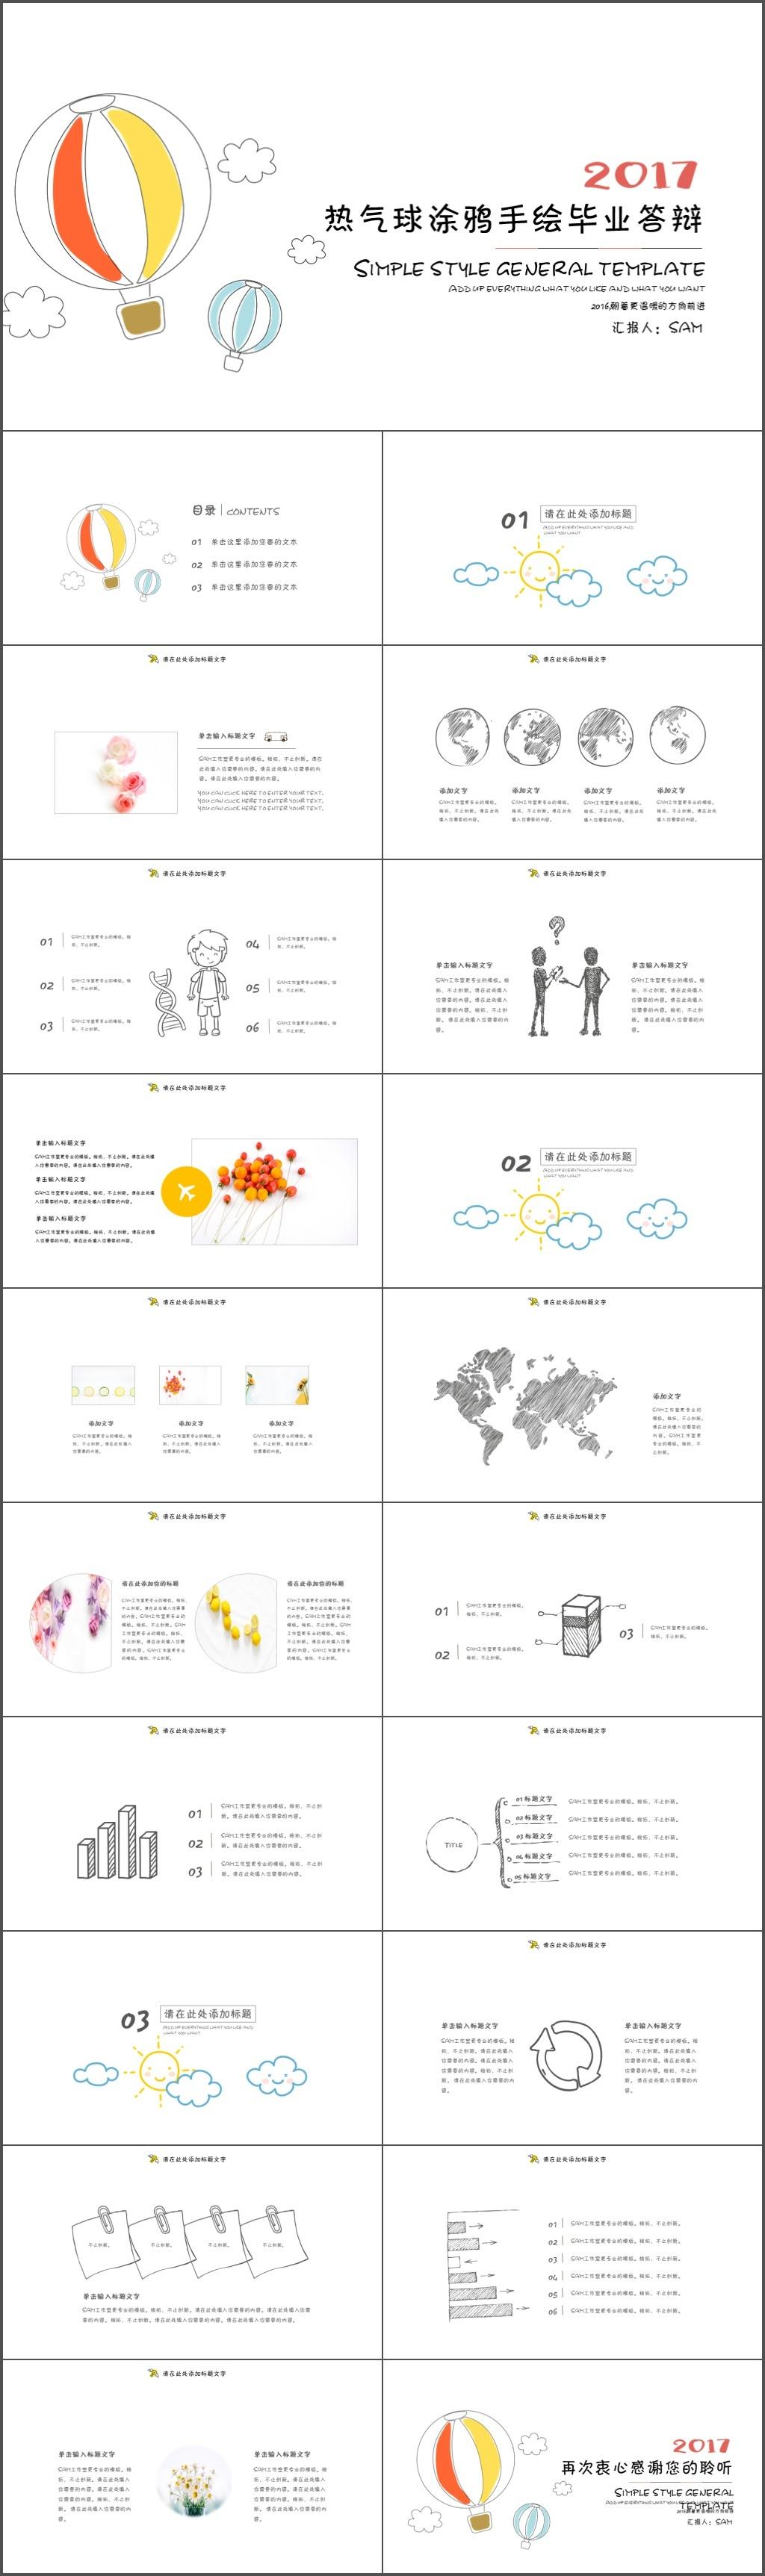 幼儿园周计划样板_幼儿园儿童教育教学培训教师课件公开课说课ppt模板(2112) - 魔力PPT网